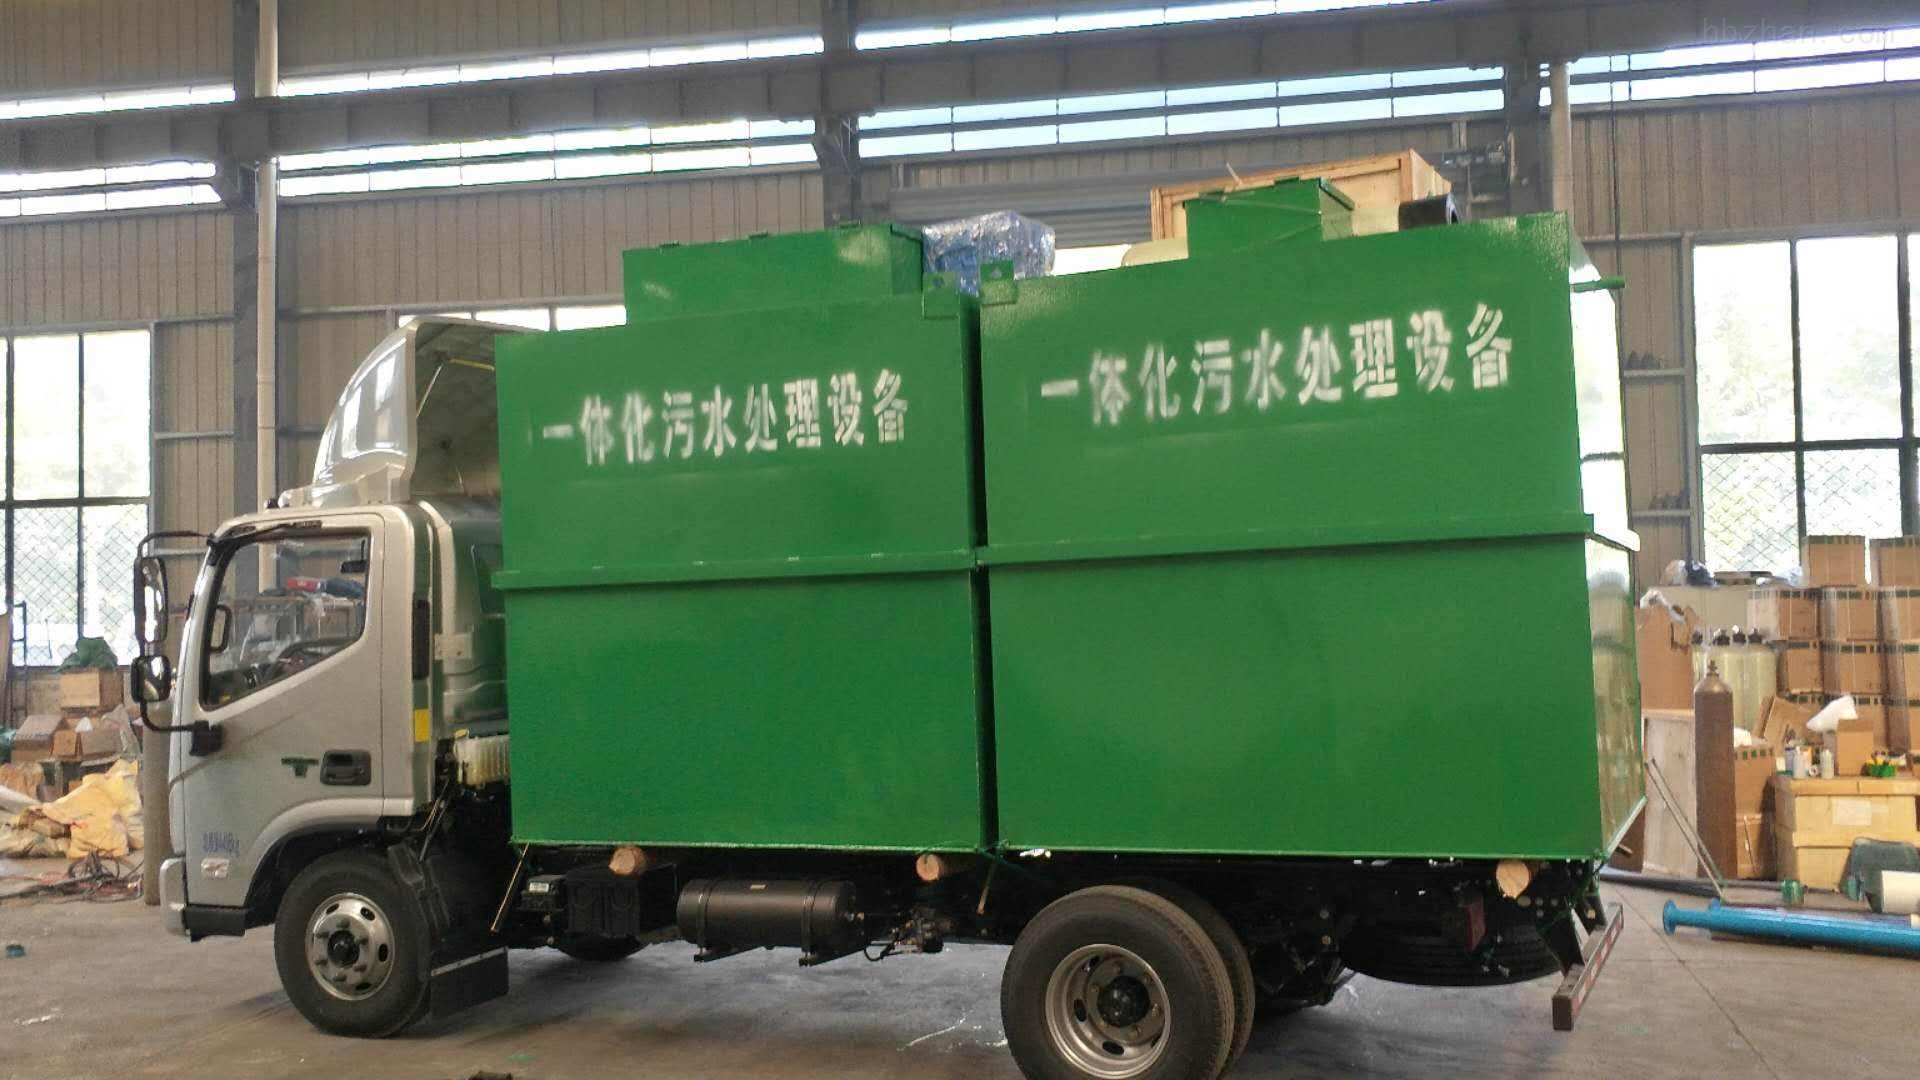 荆州新农村污水处理设备